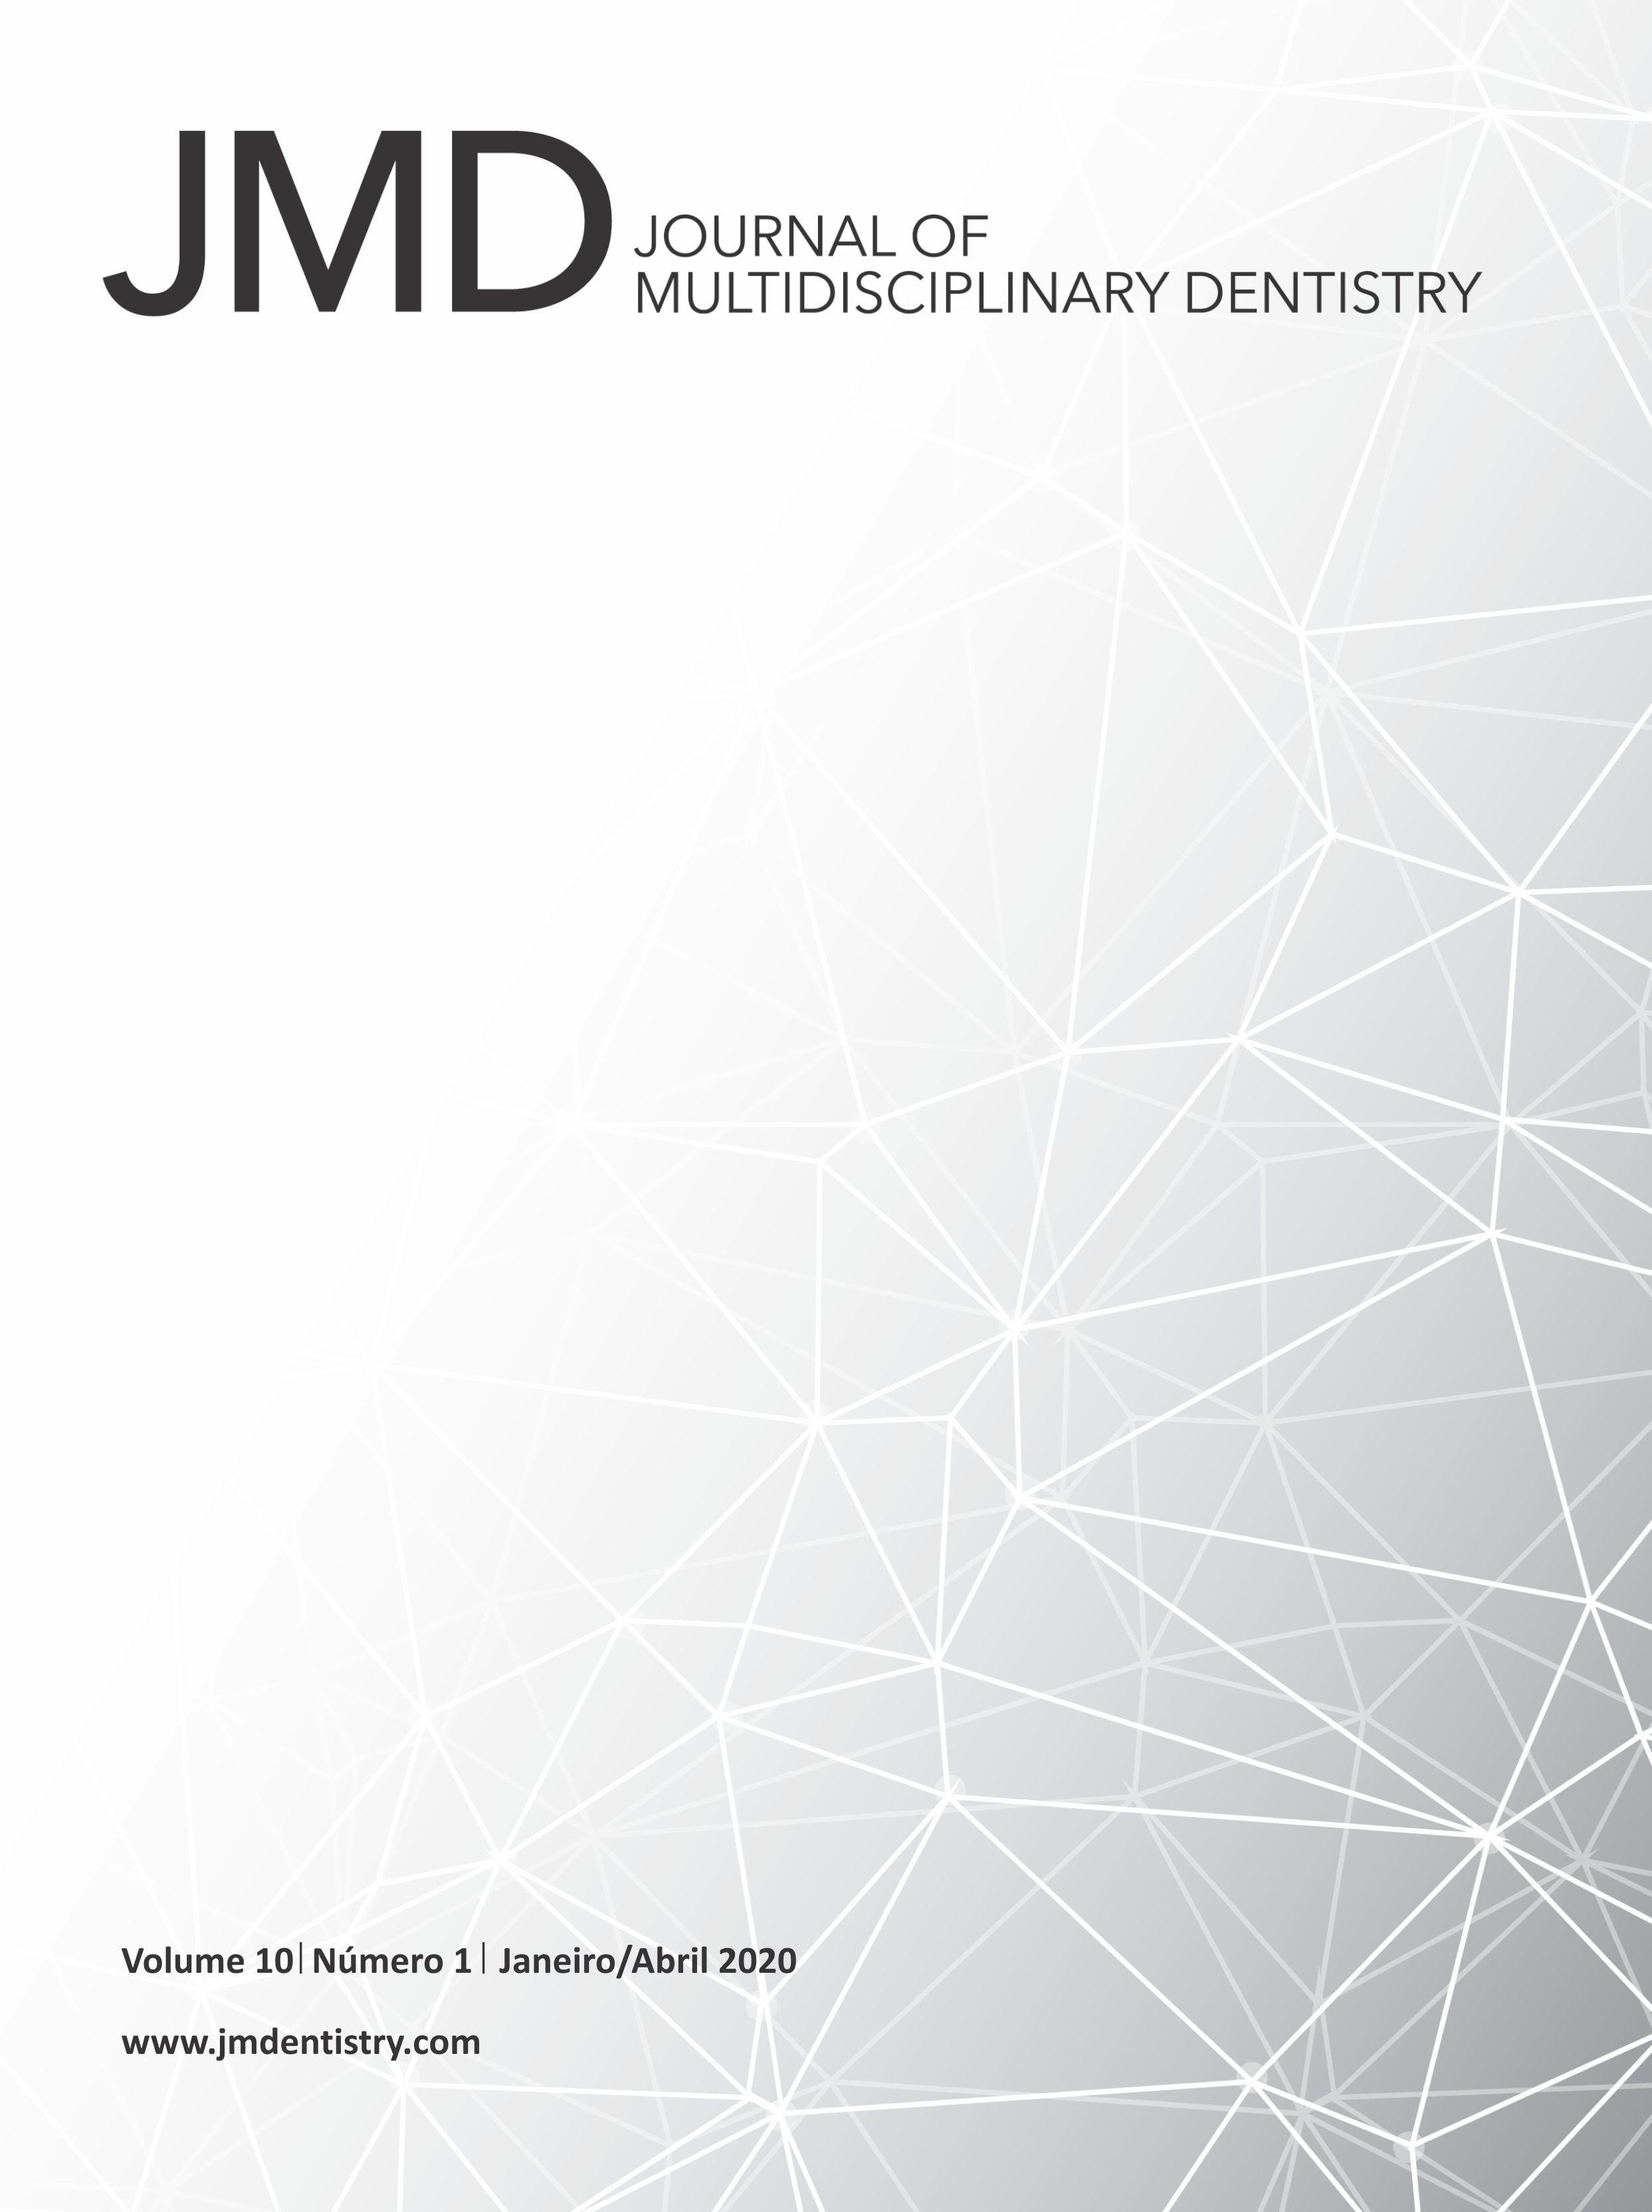 jmd_capa_v10_n1_2020